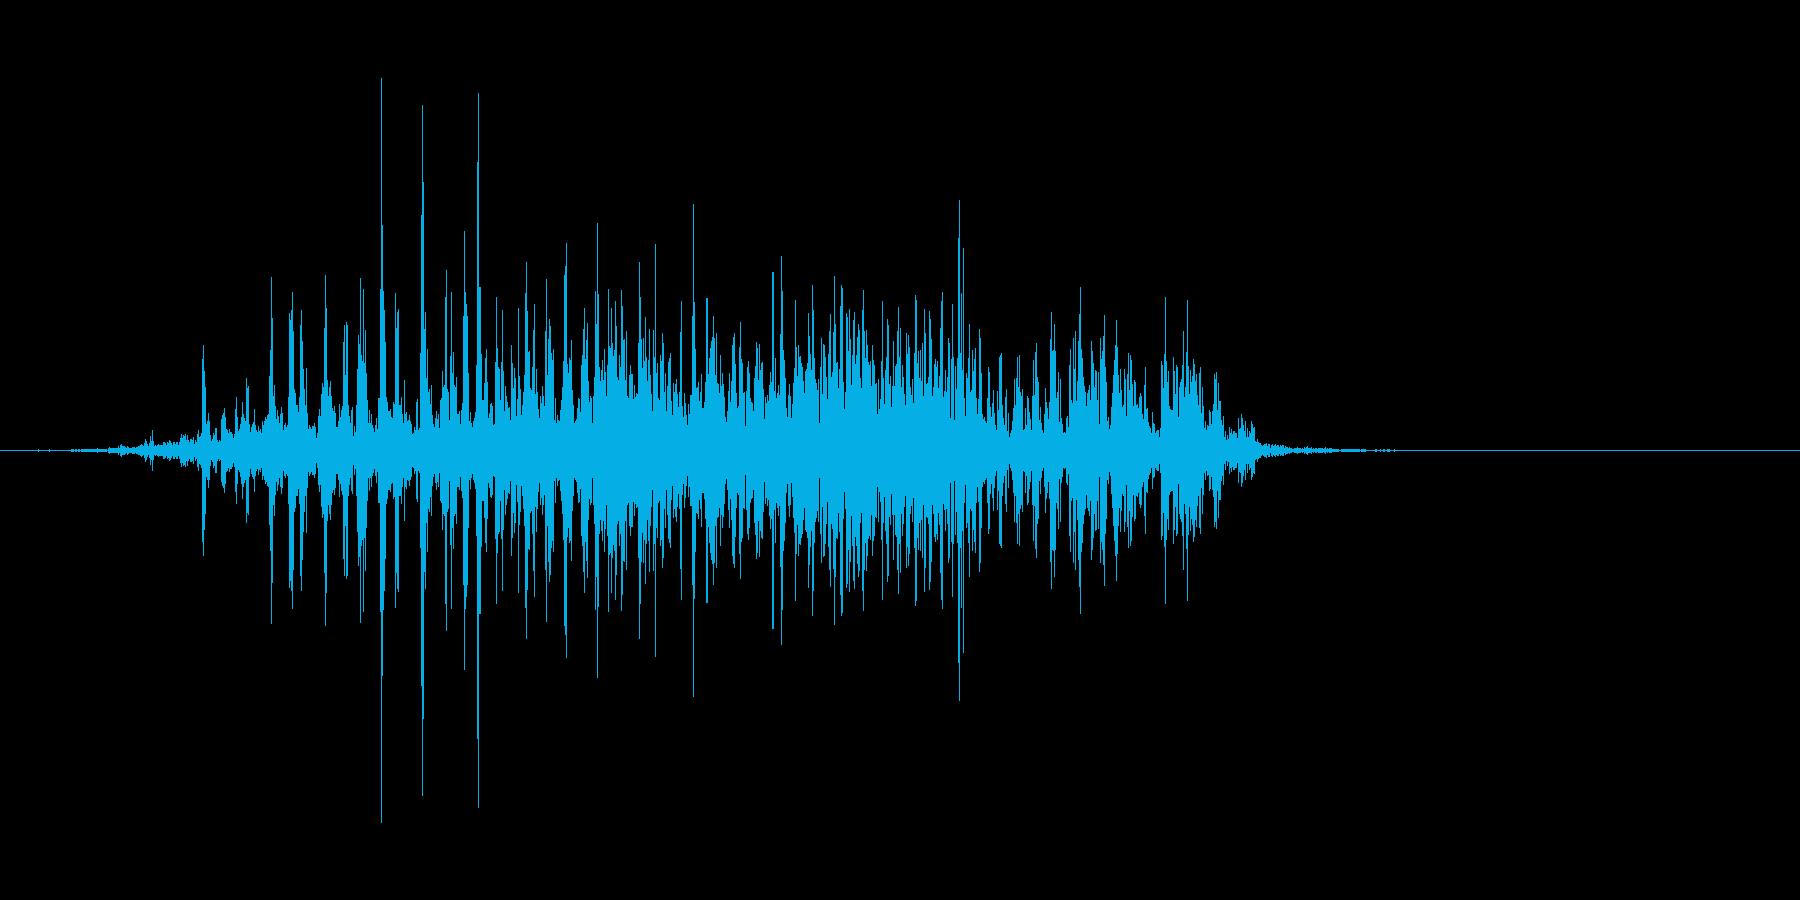 ズズーッ(すする、味噌汁、お吸い物)の再生済みの波形